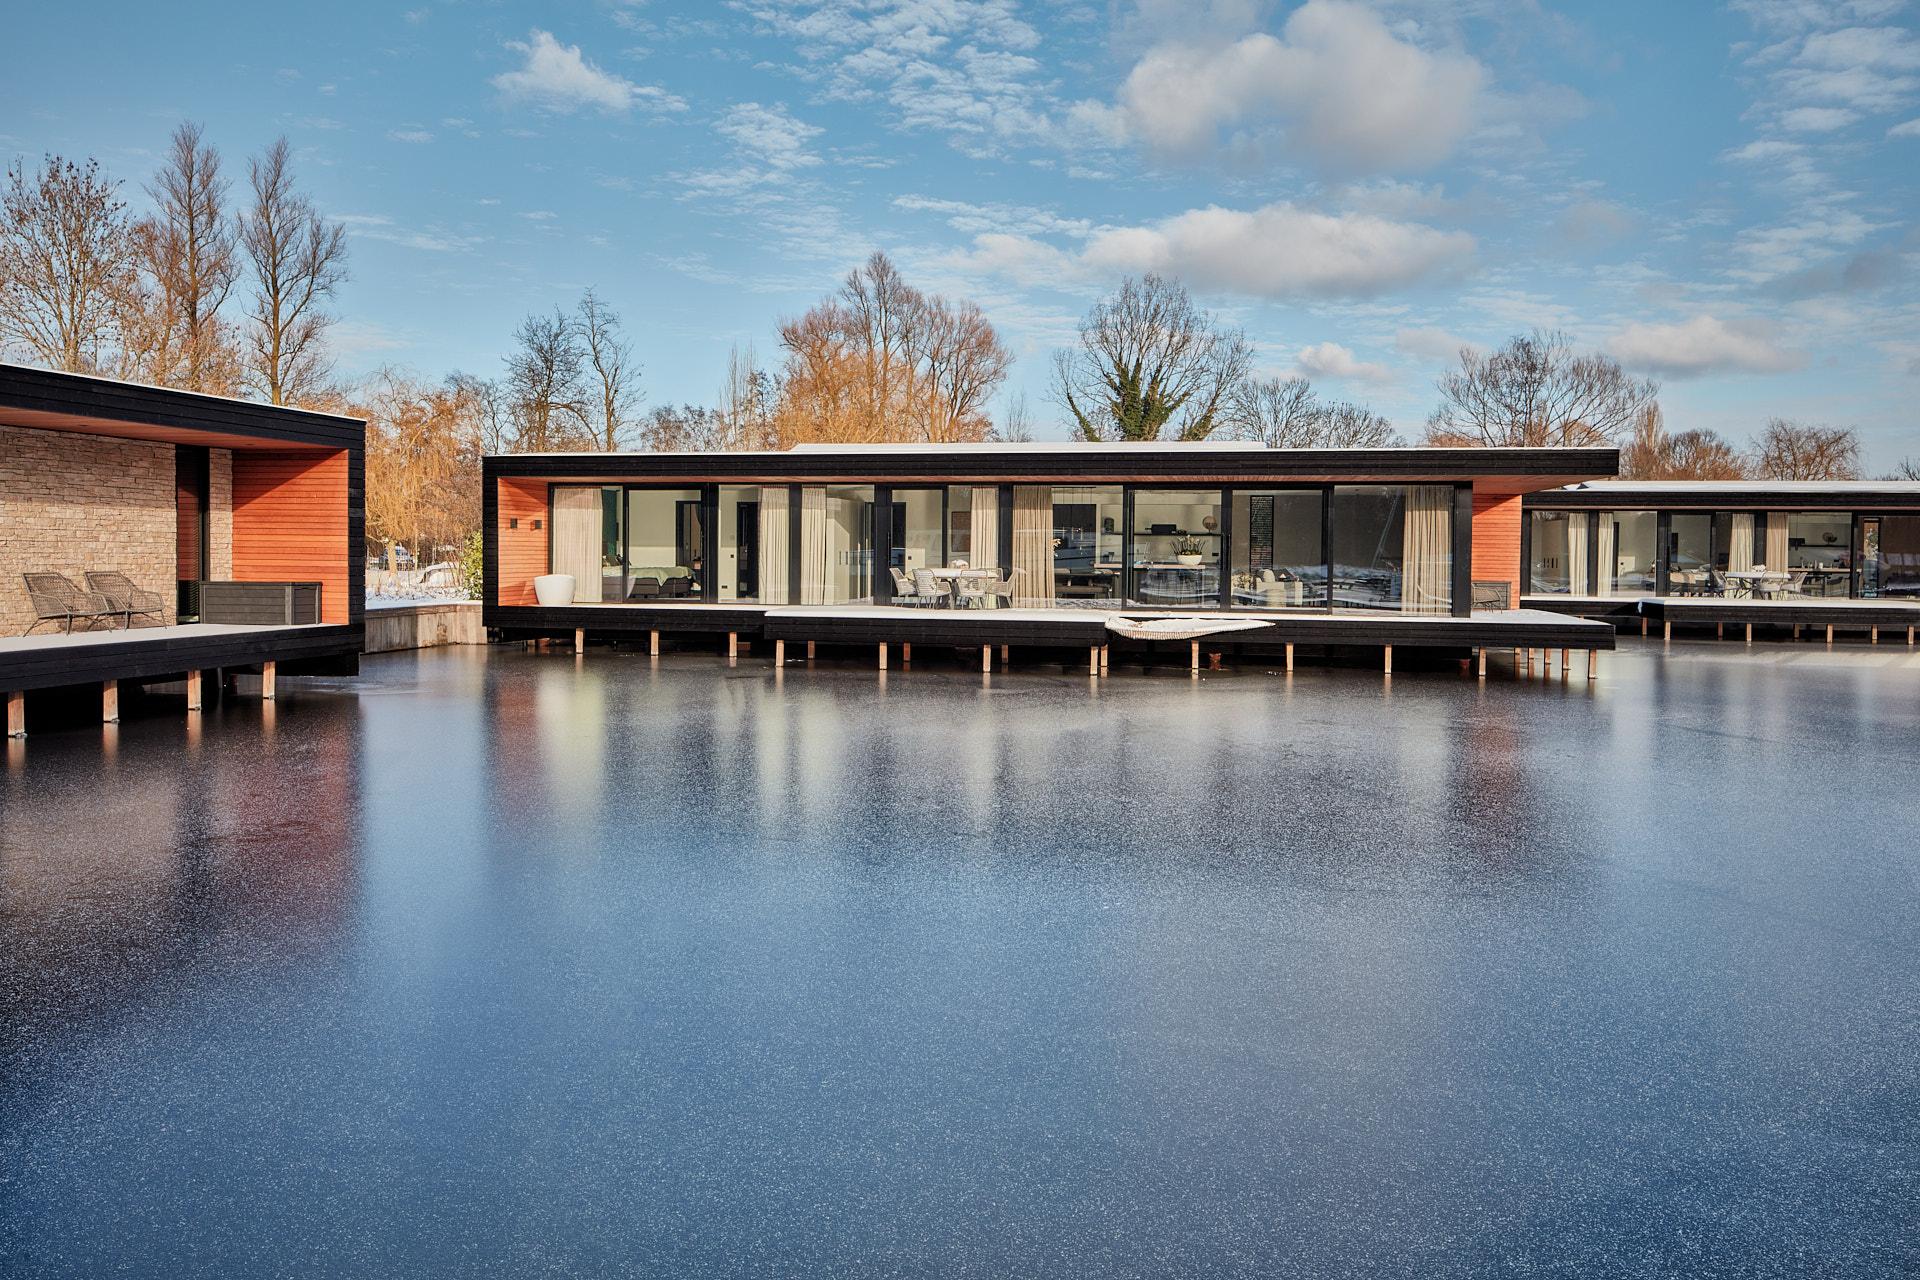 Vier waterwoningen Kortenhoef Haven Lake Villa door architect Maxim Winkelaar